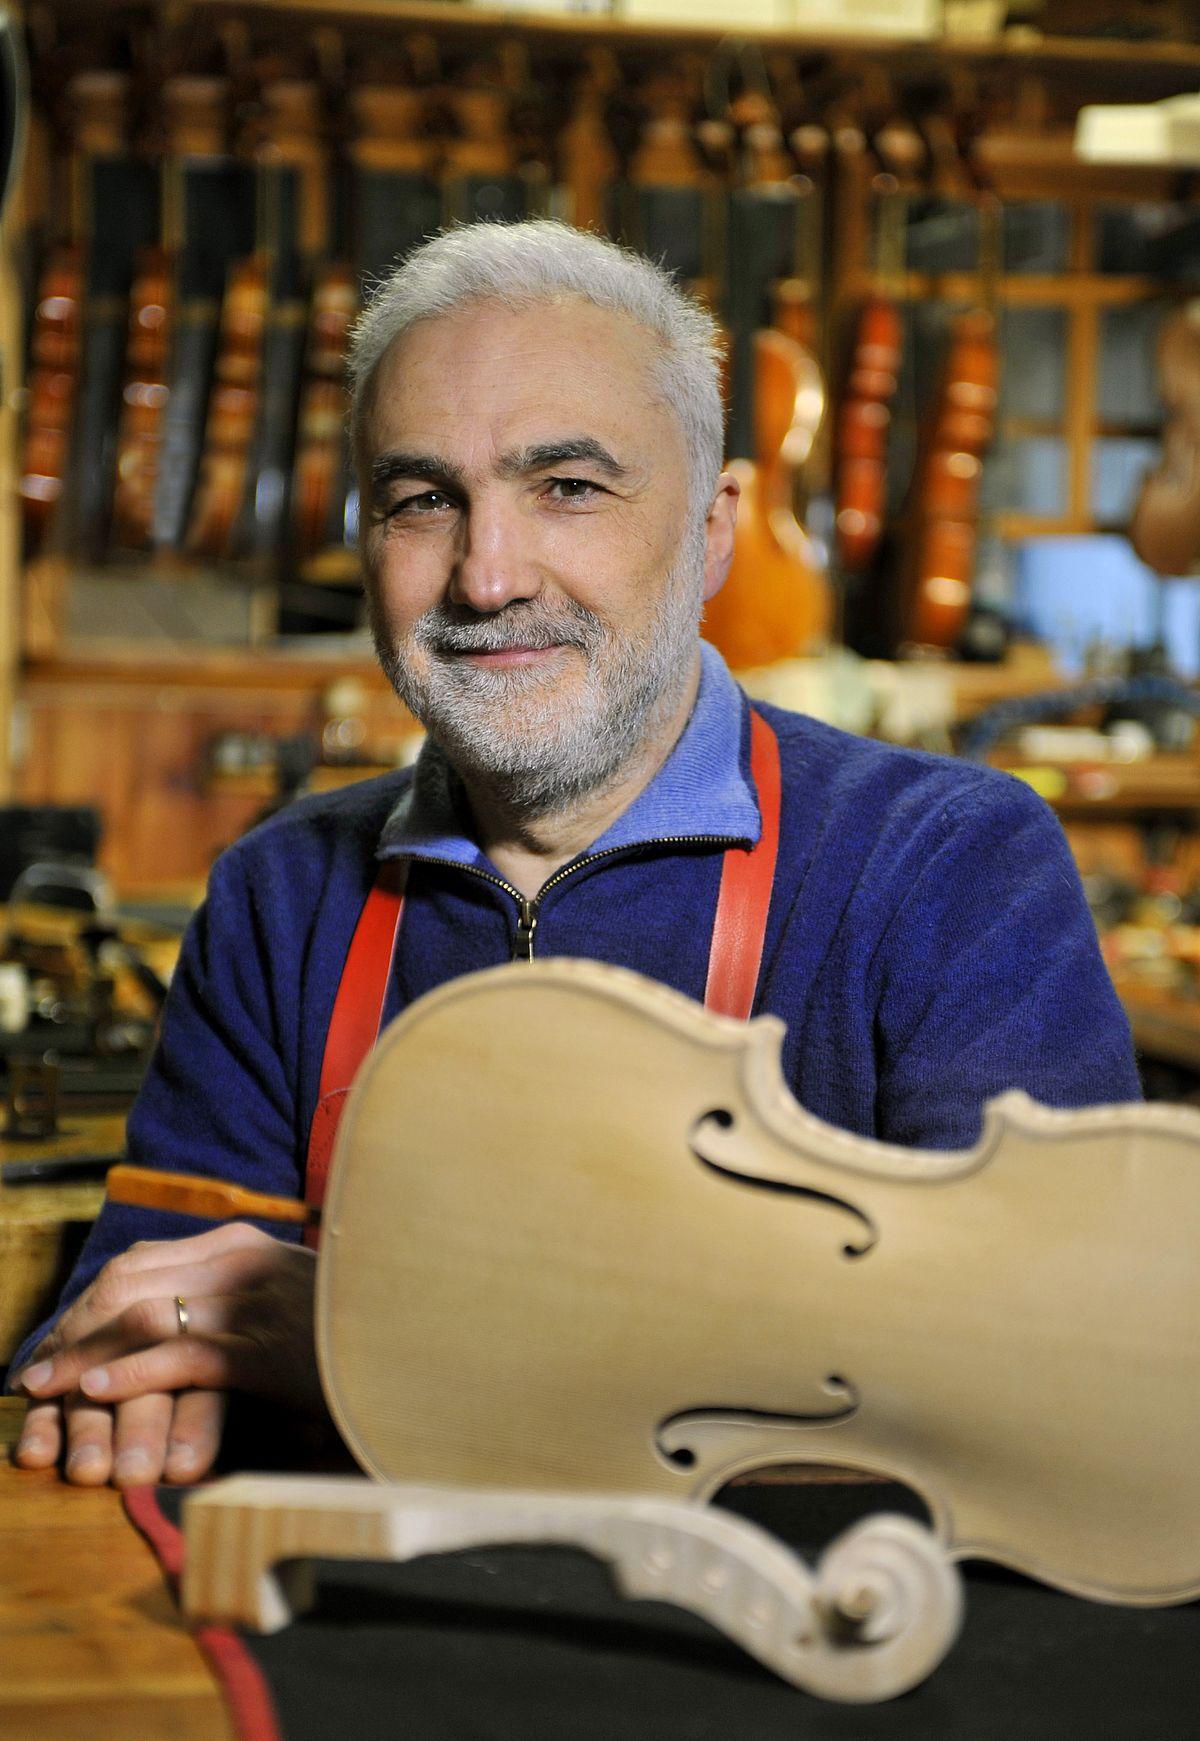 Roberto Regazzi - Wikipedia